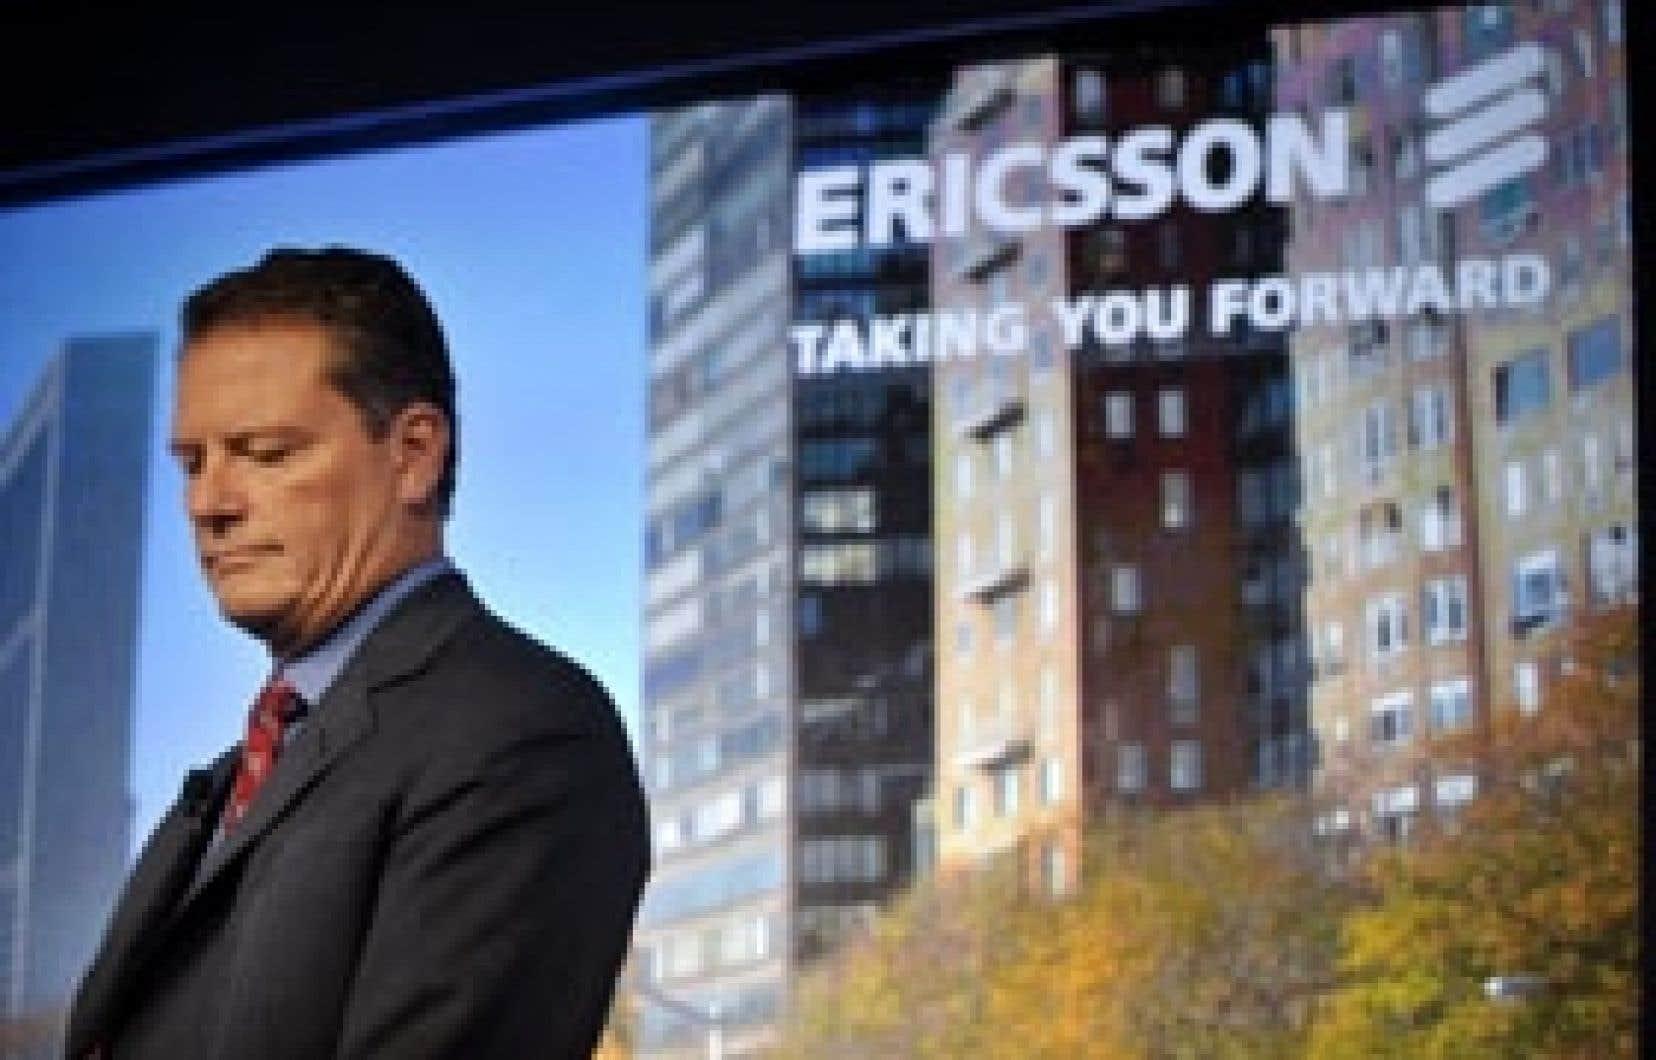 Le chef de la direction d'Ericsson, Carl-Henric Svanberg, a rappelé hier que l'entreprise poursuivait son plan de restructuration entrepris l'an dernier.